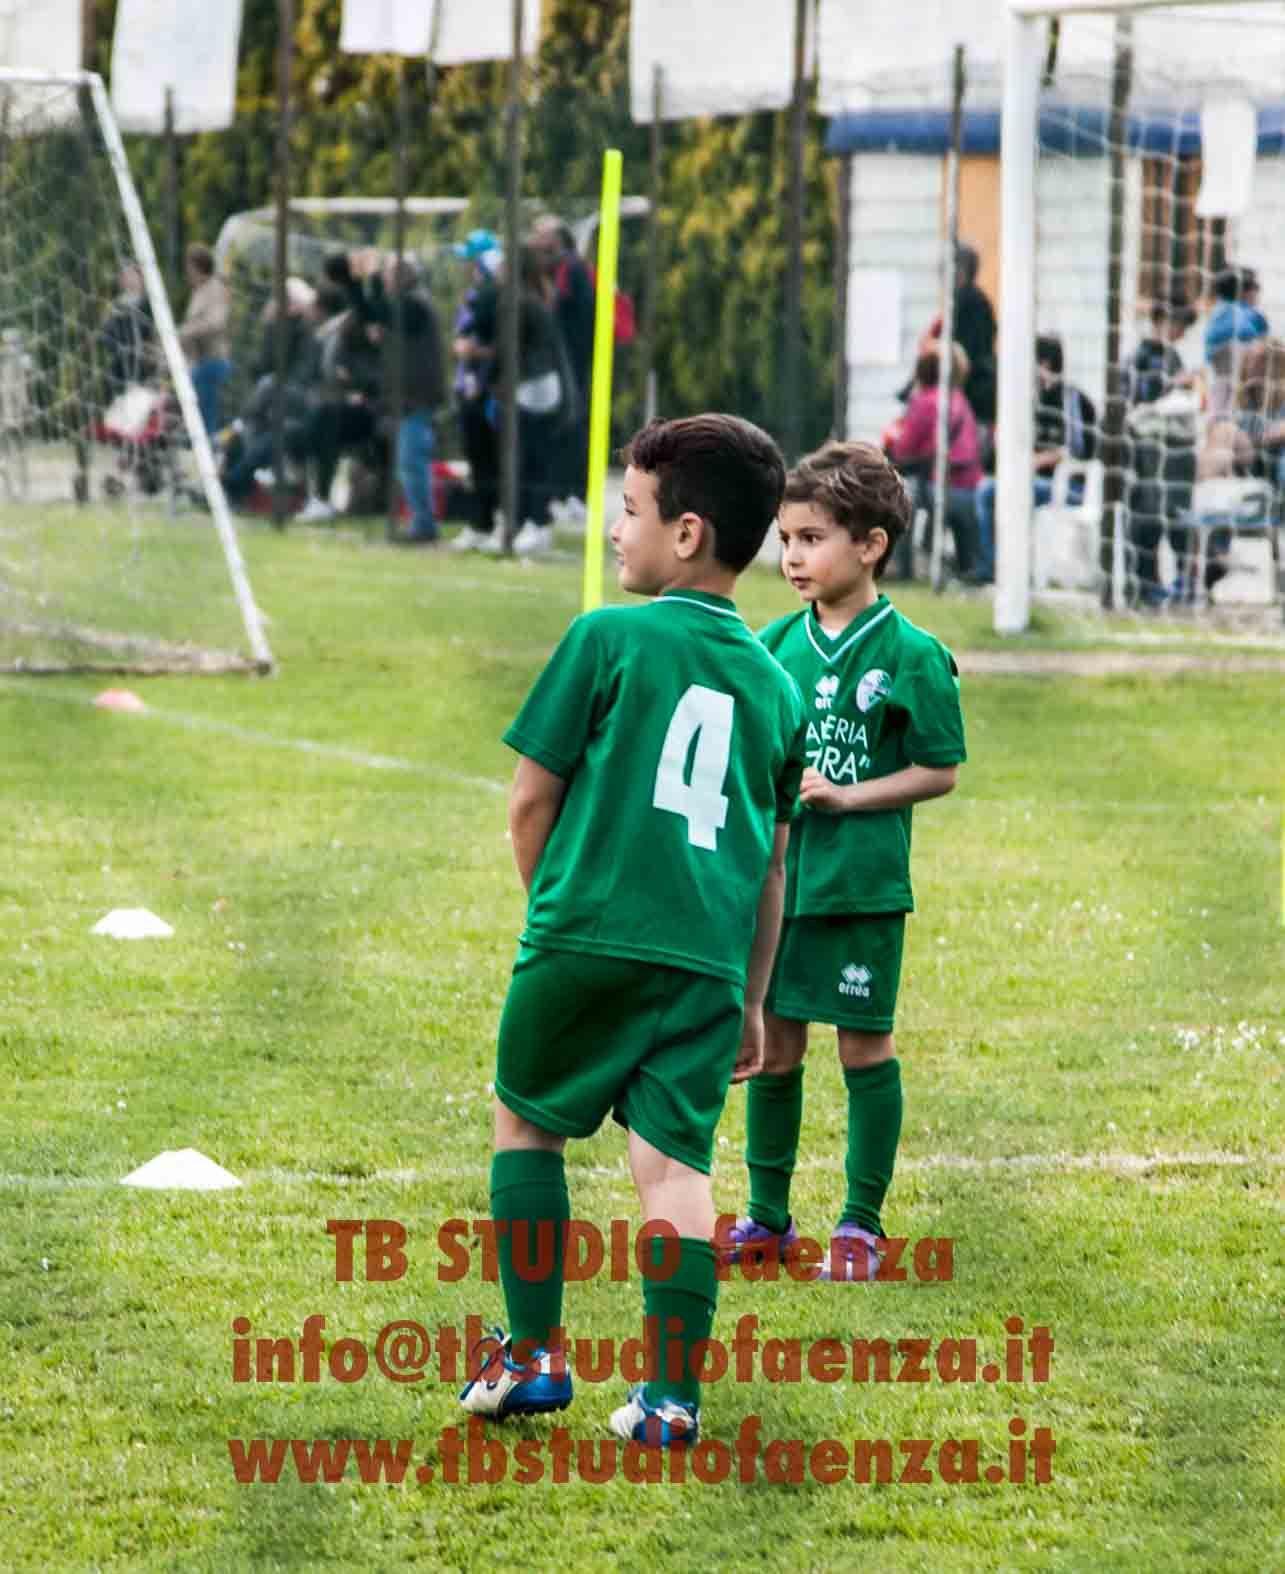 Torneo Giovani Marmotte Faenza, 8 Maggio 2016.